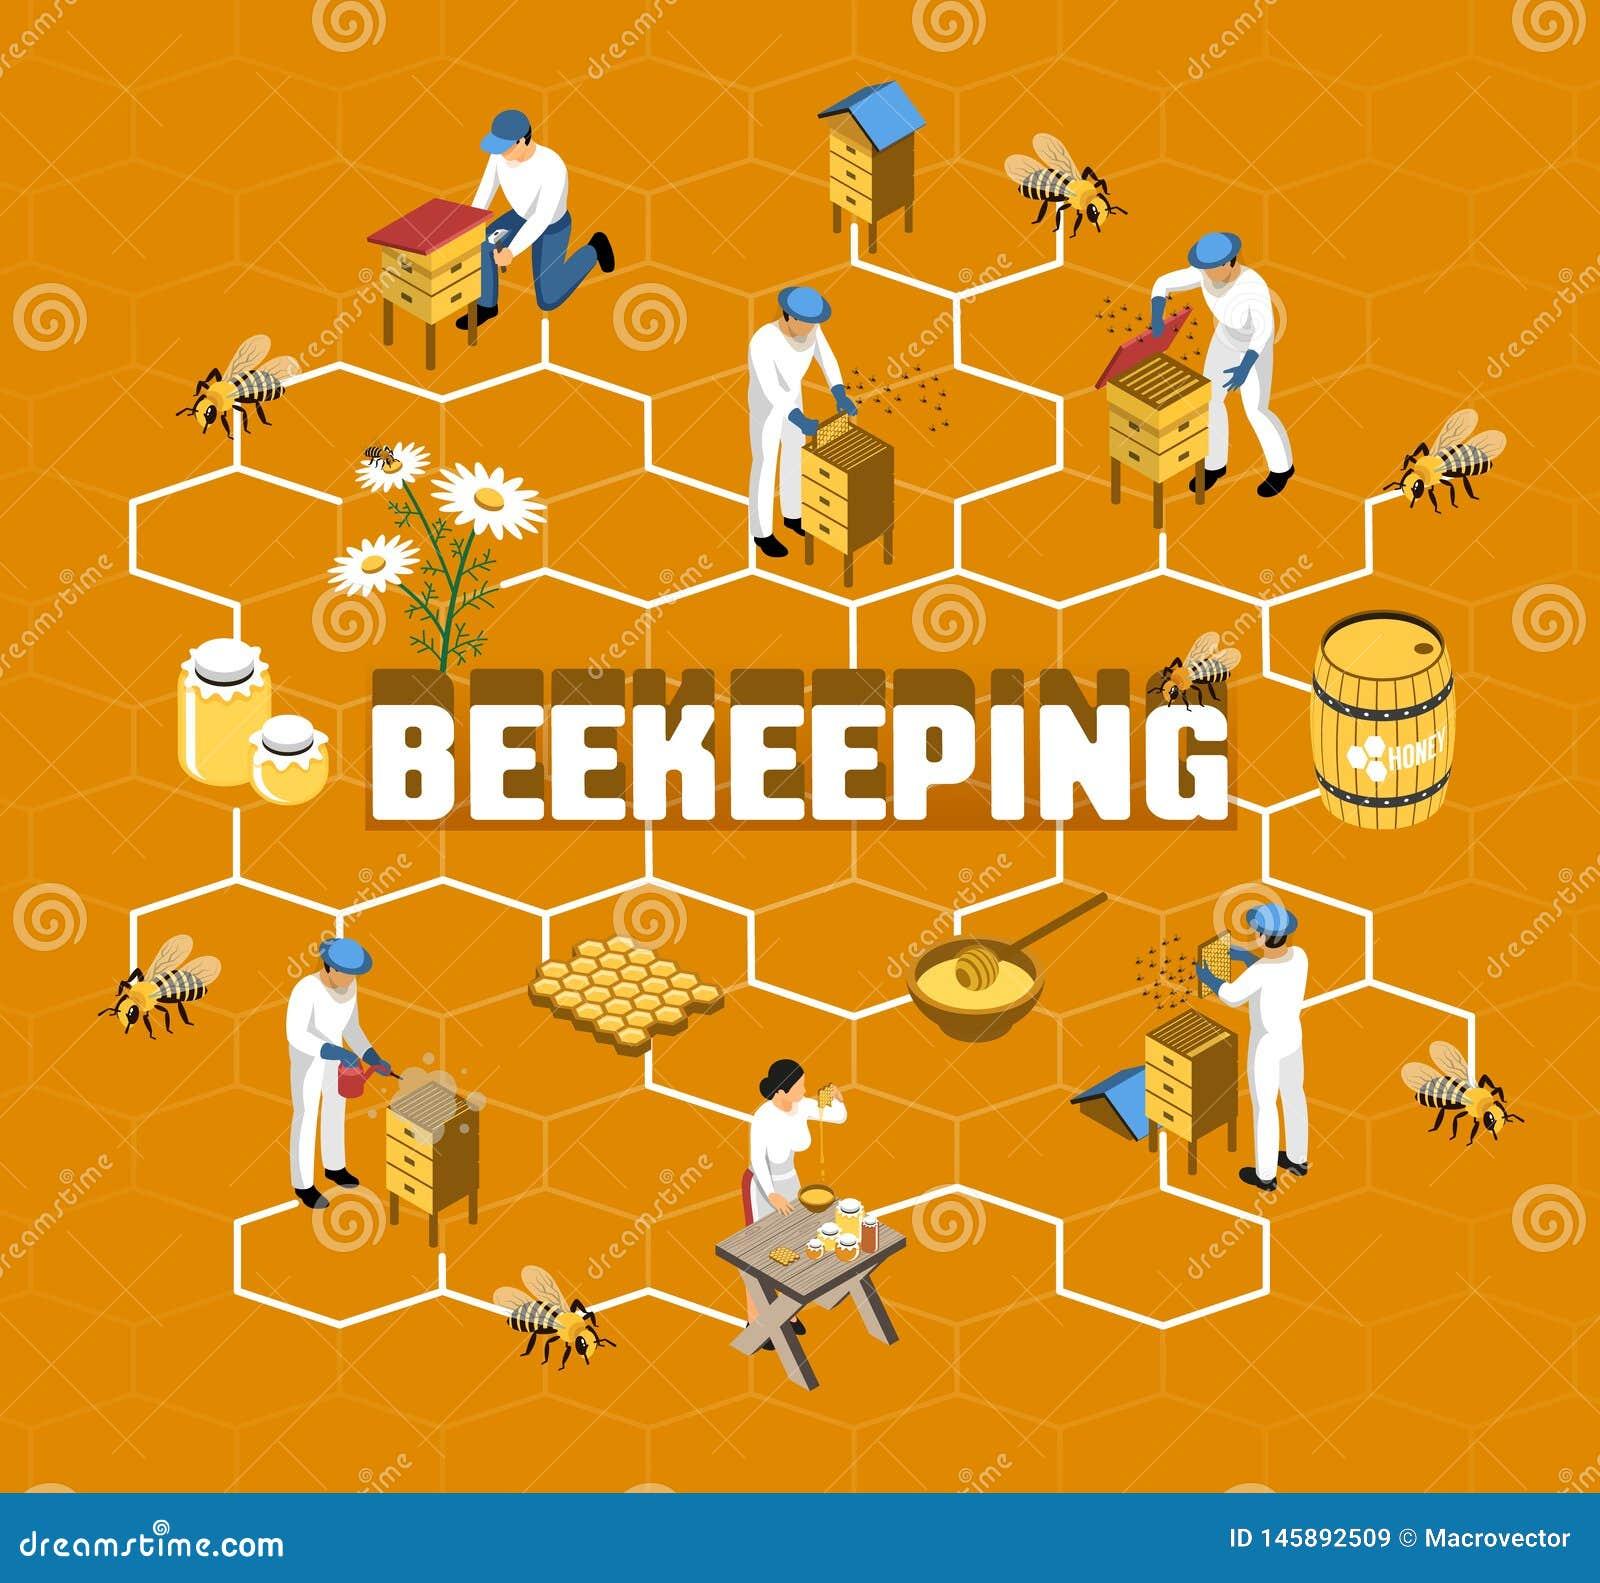 Beekeeping Isometric Flowchart